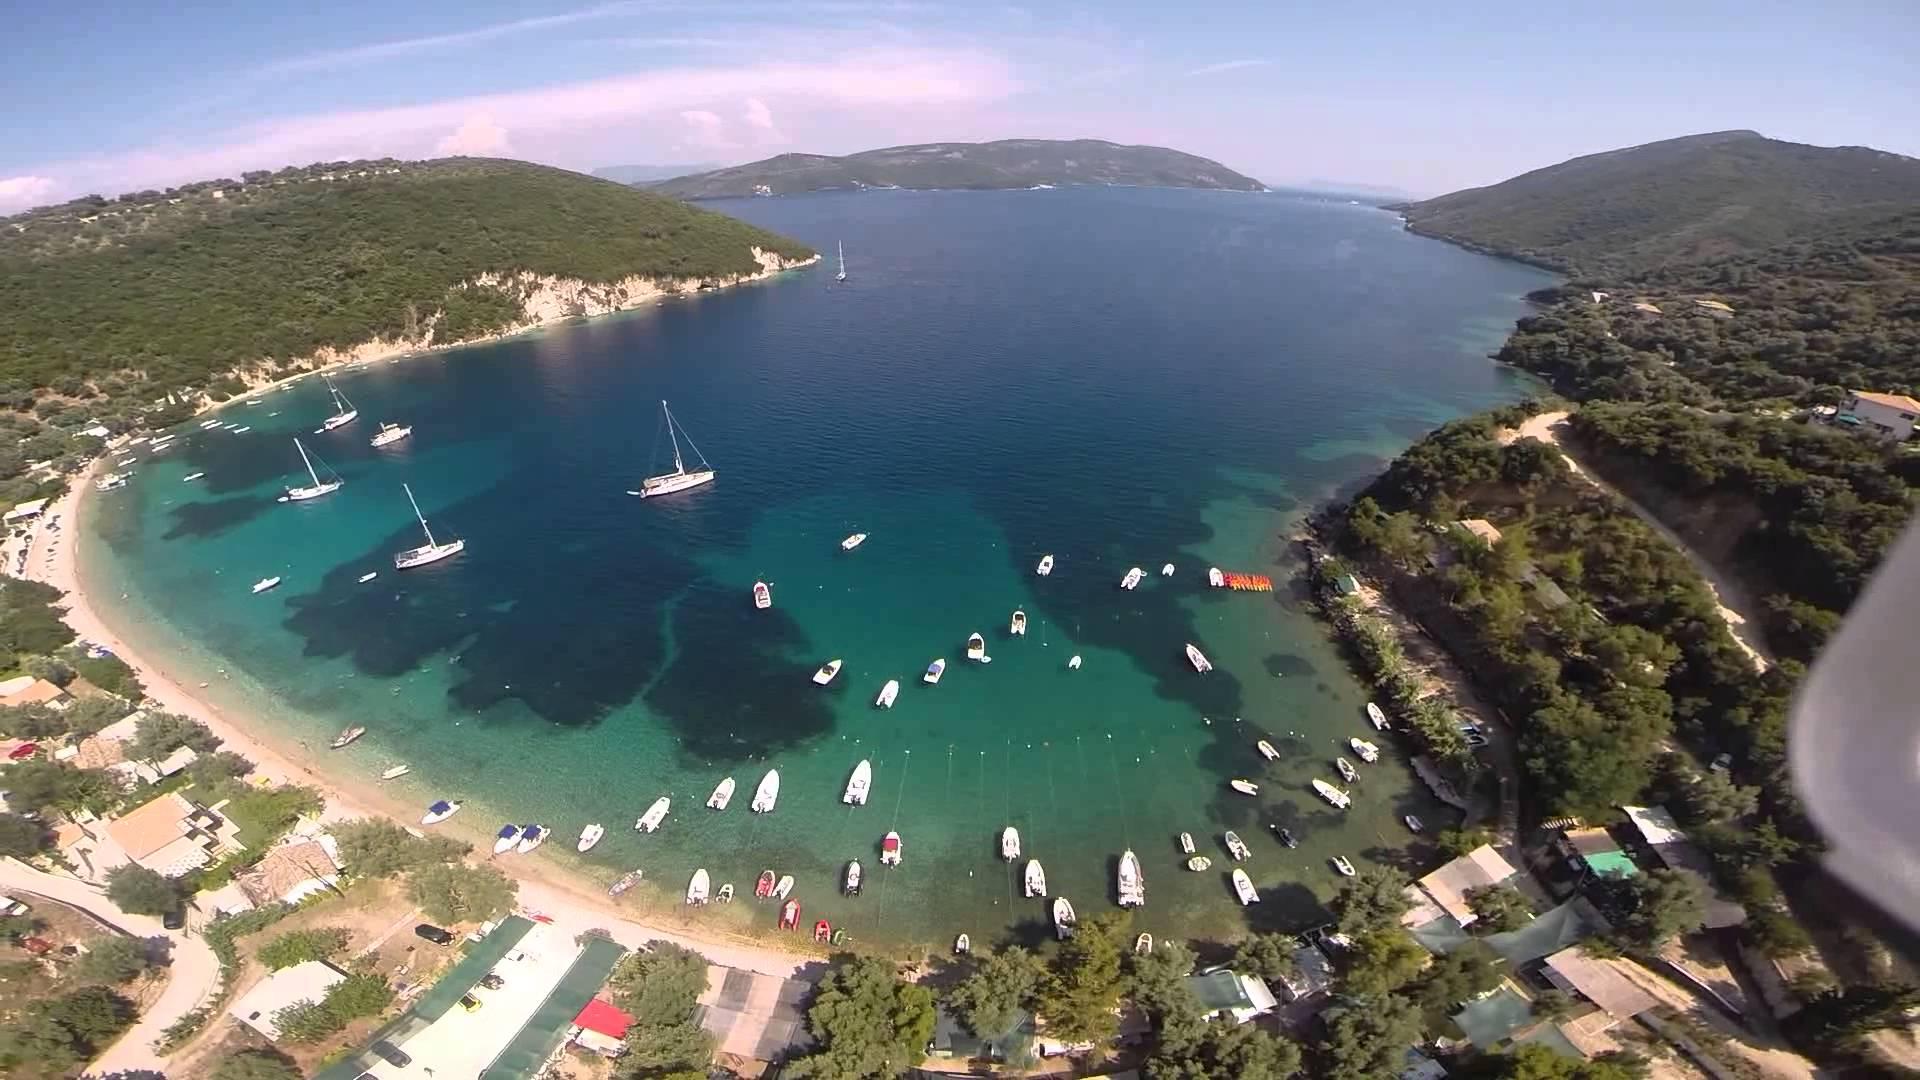 lefkada-beaches-desimi-beach-aerial